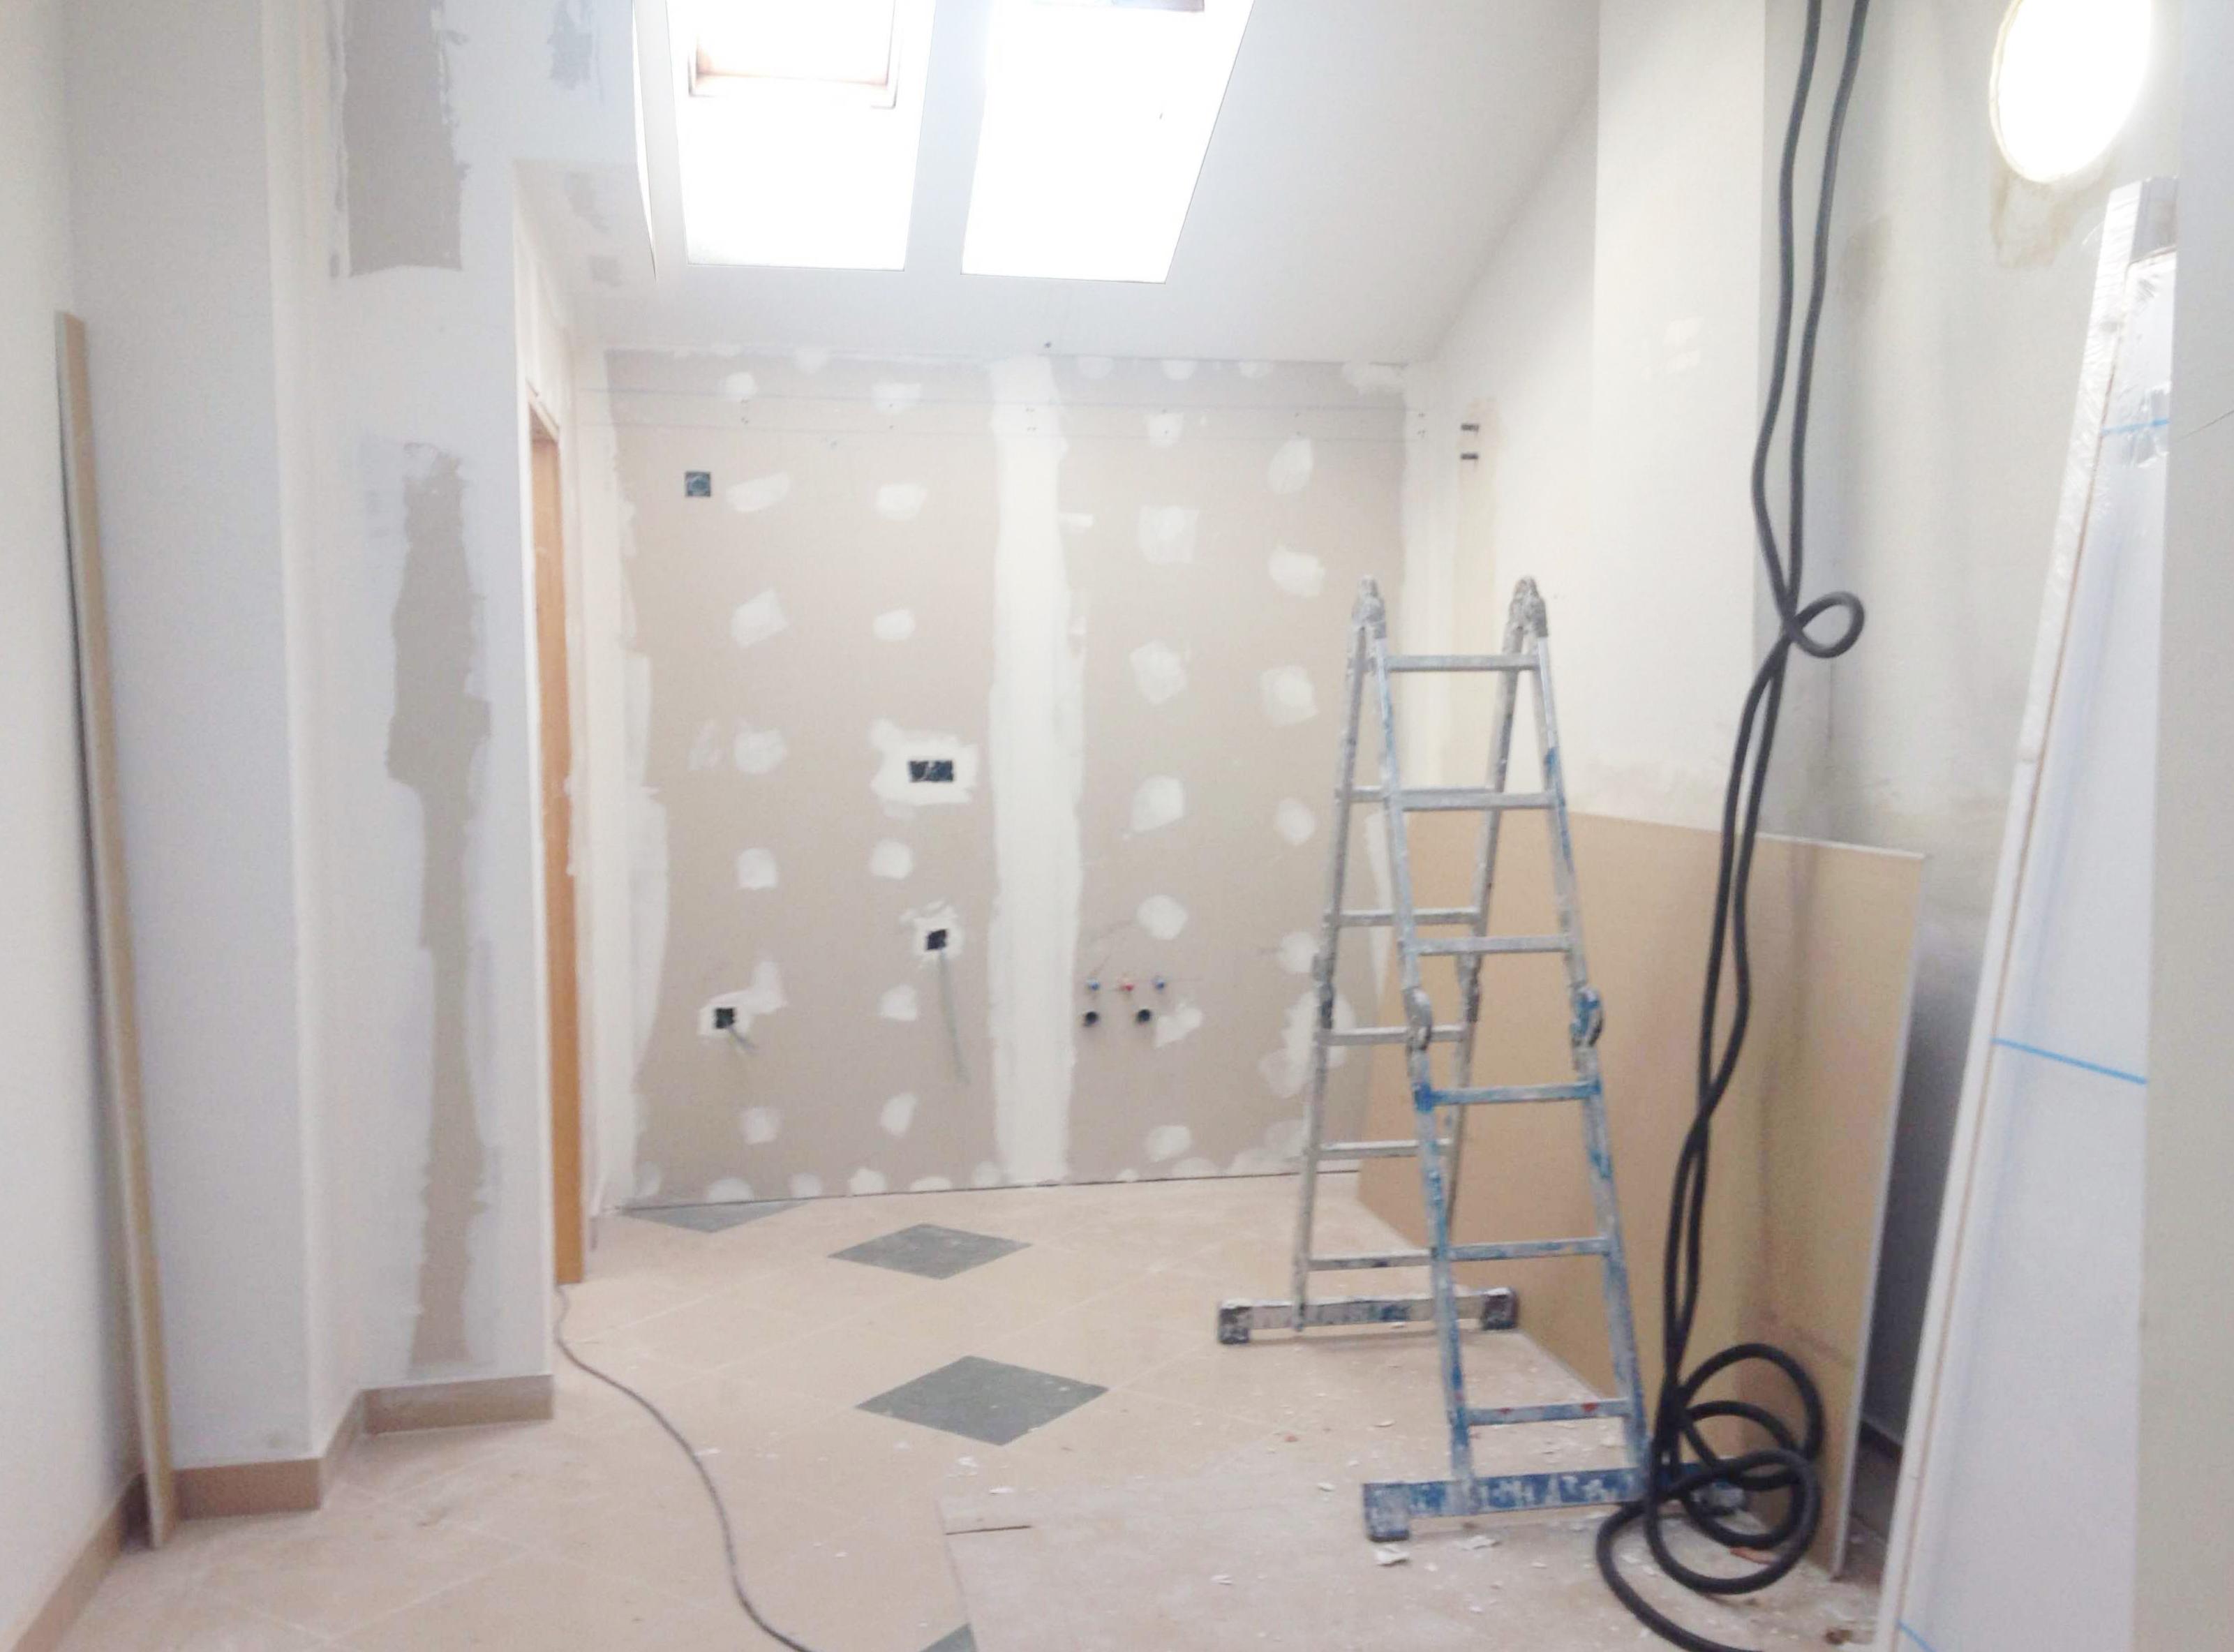 Proyectos for Cambio de uso de oficina a vivienda